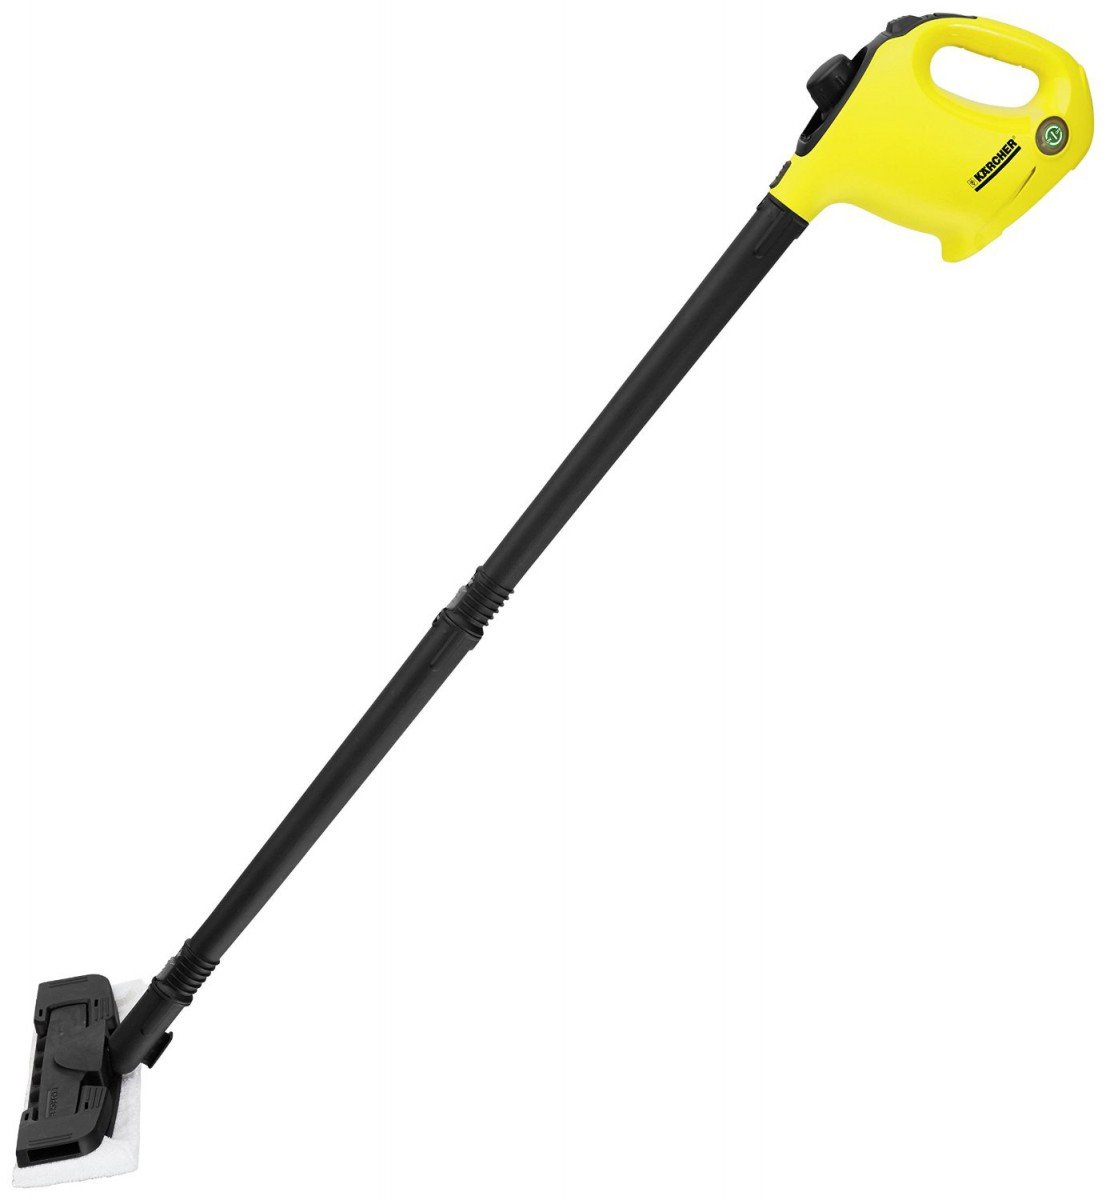 Kärcher SC 1 Premium + Floor Kit Dampfreiniger